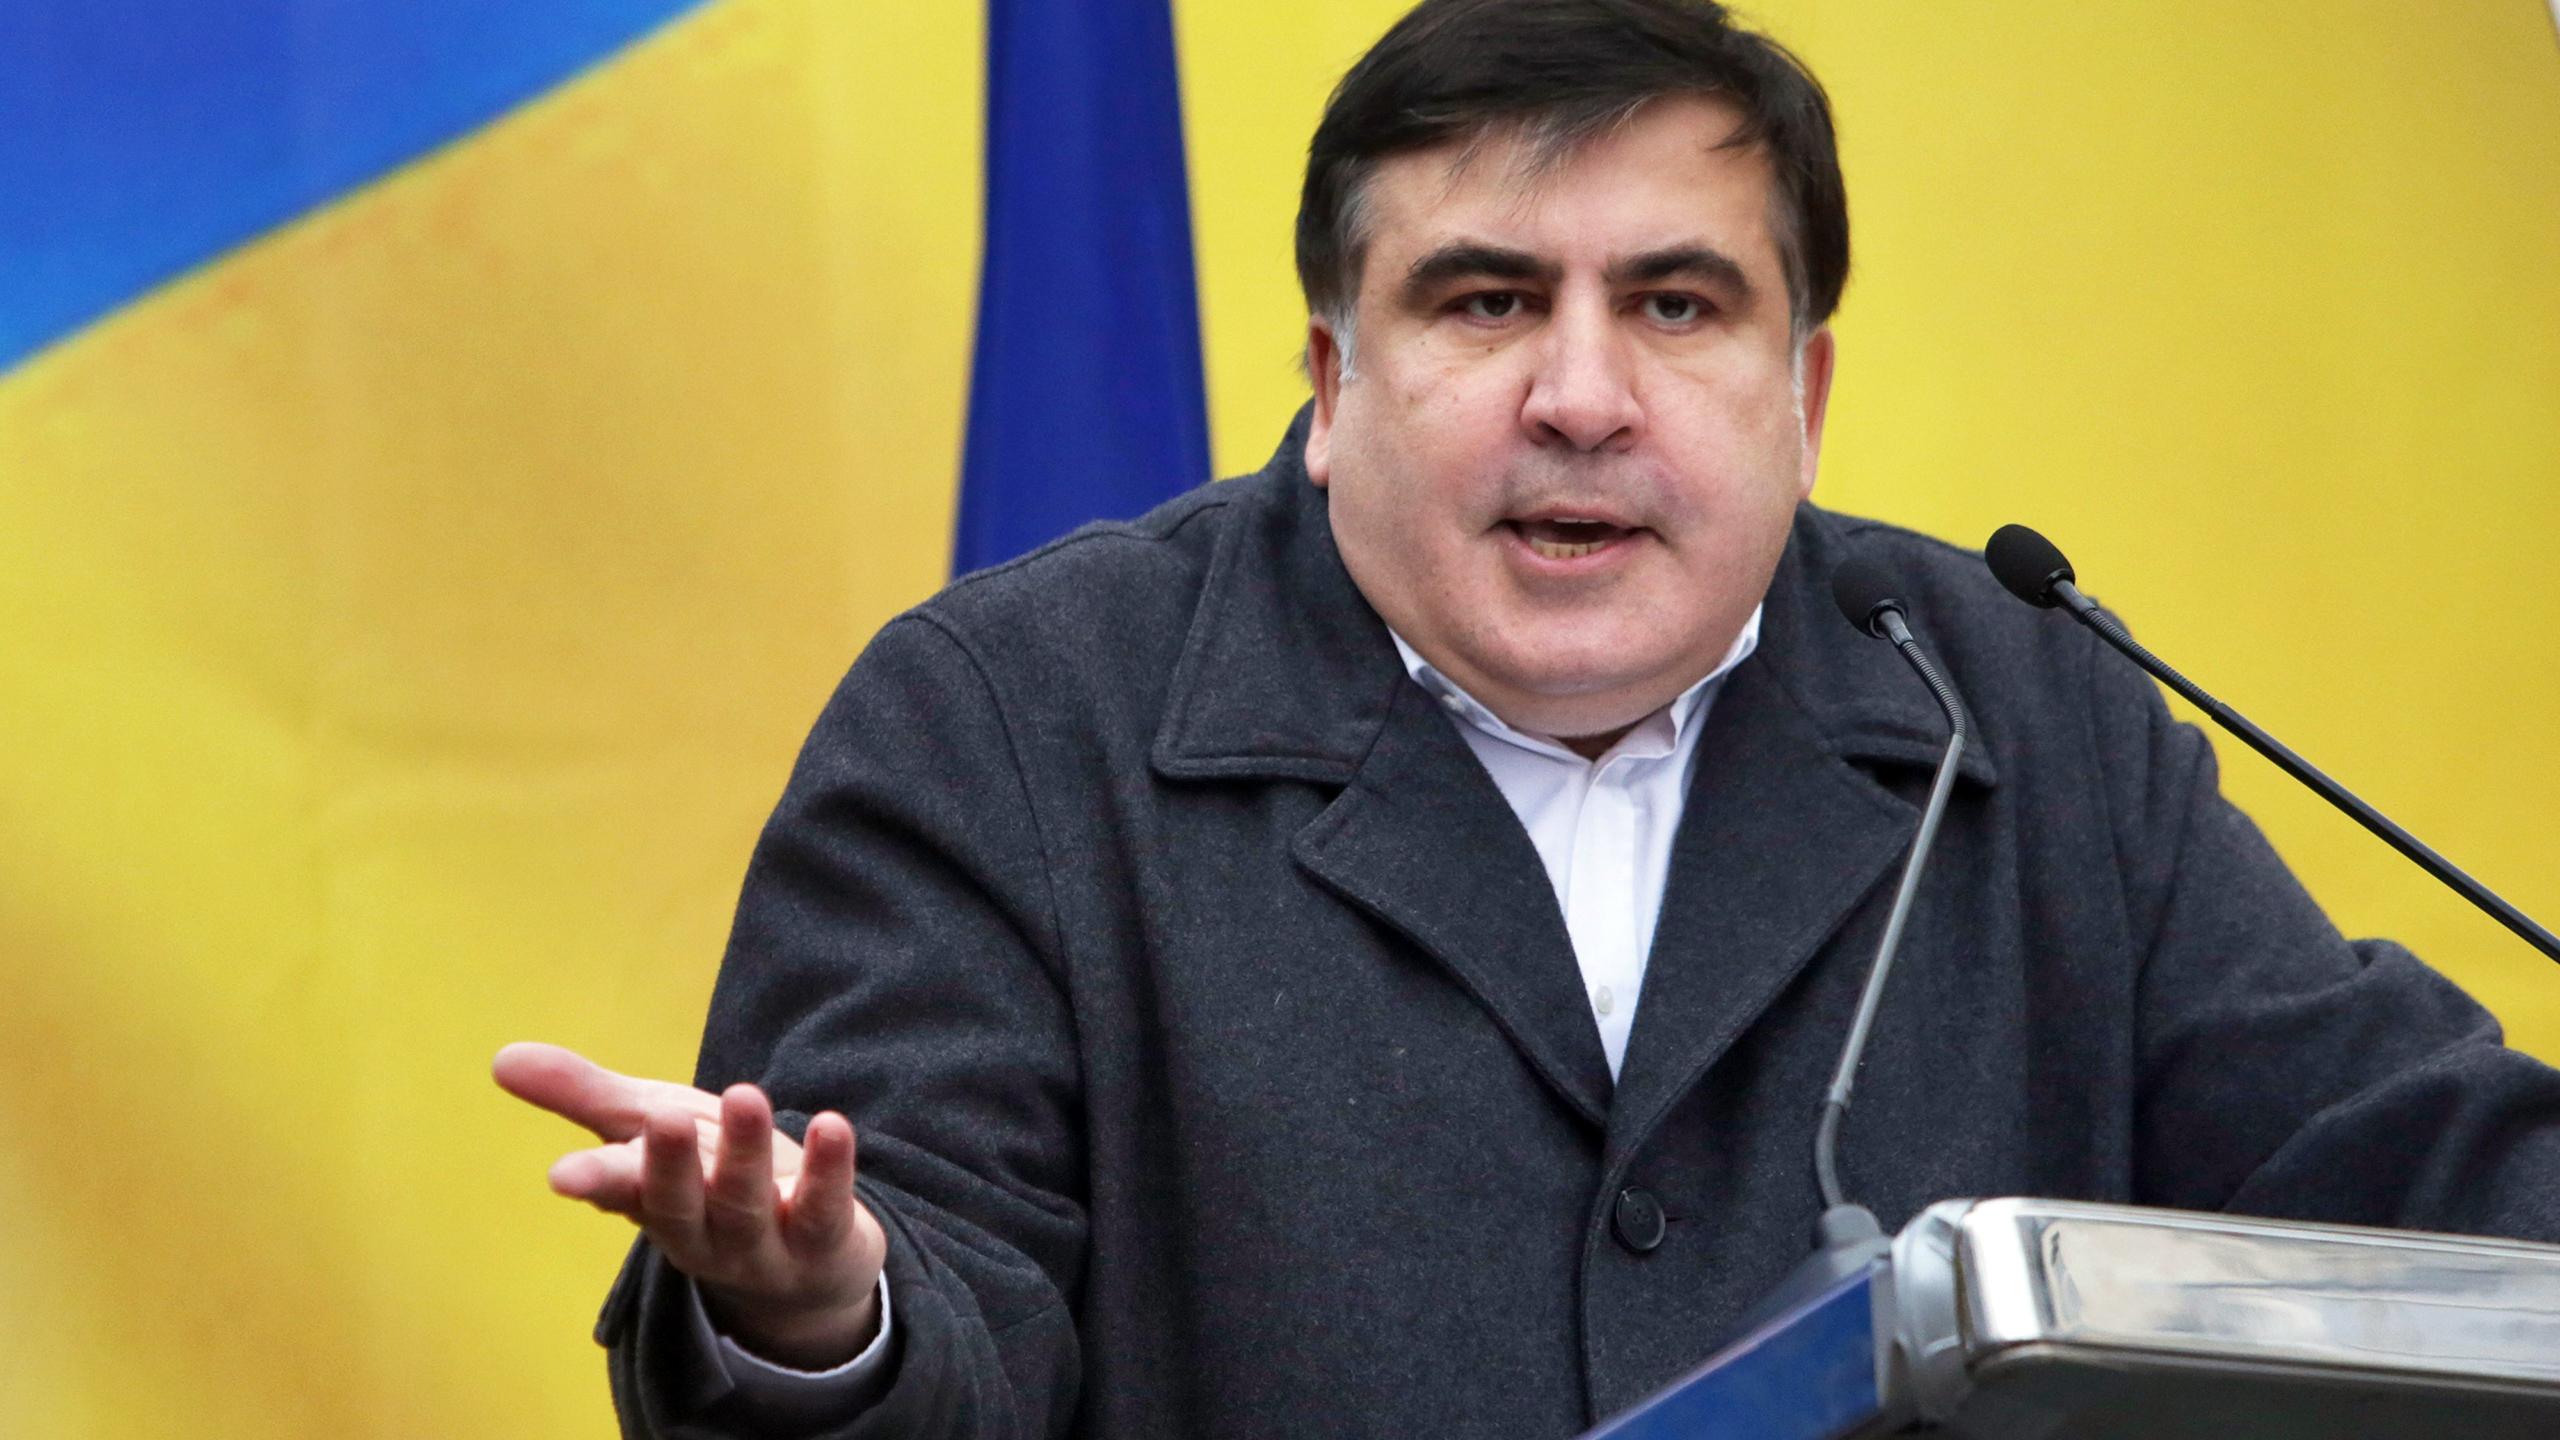 در-صورت-استرداد-به-گرجستان،-مردم-مرا-آزاد-خواهند-کرد